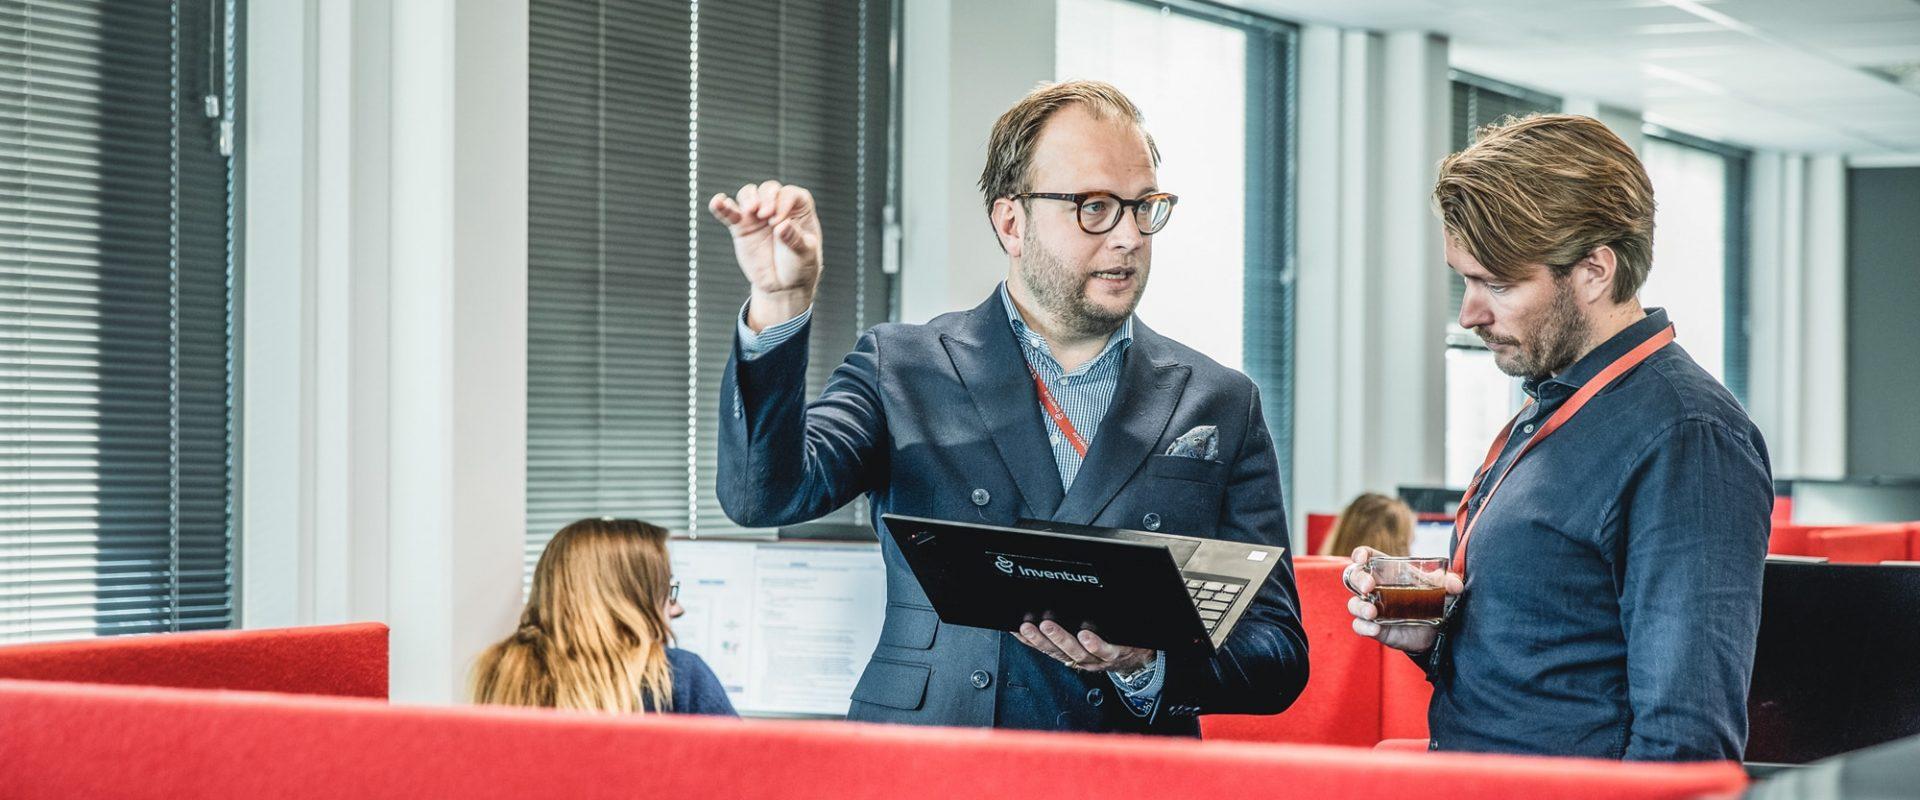 To kollegaer som diskuterer innkjøp over en laptop.